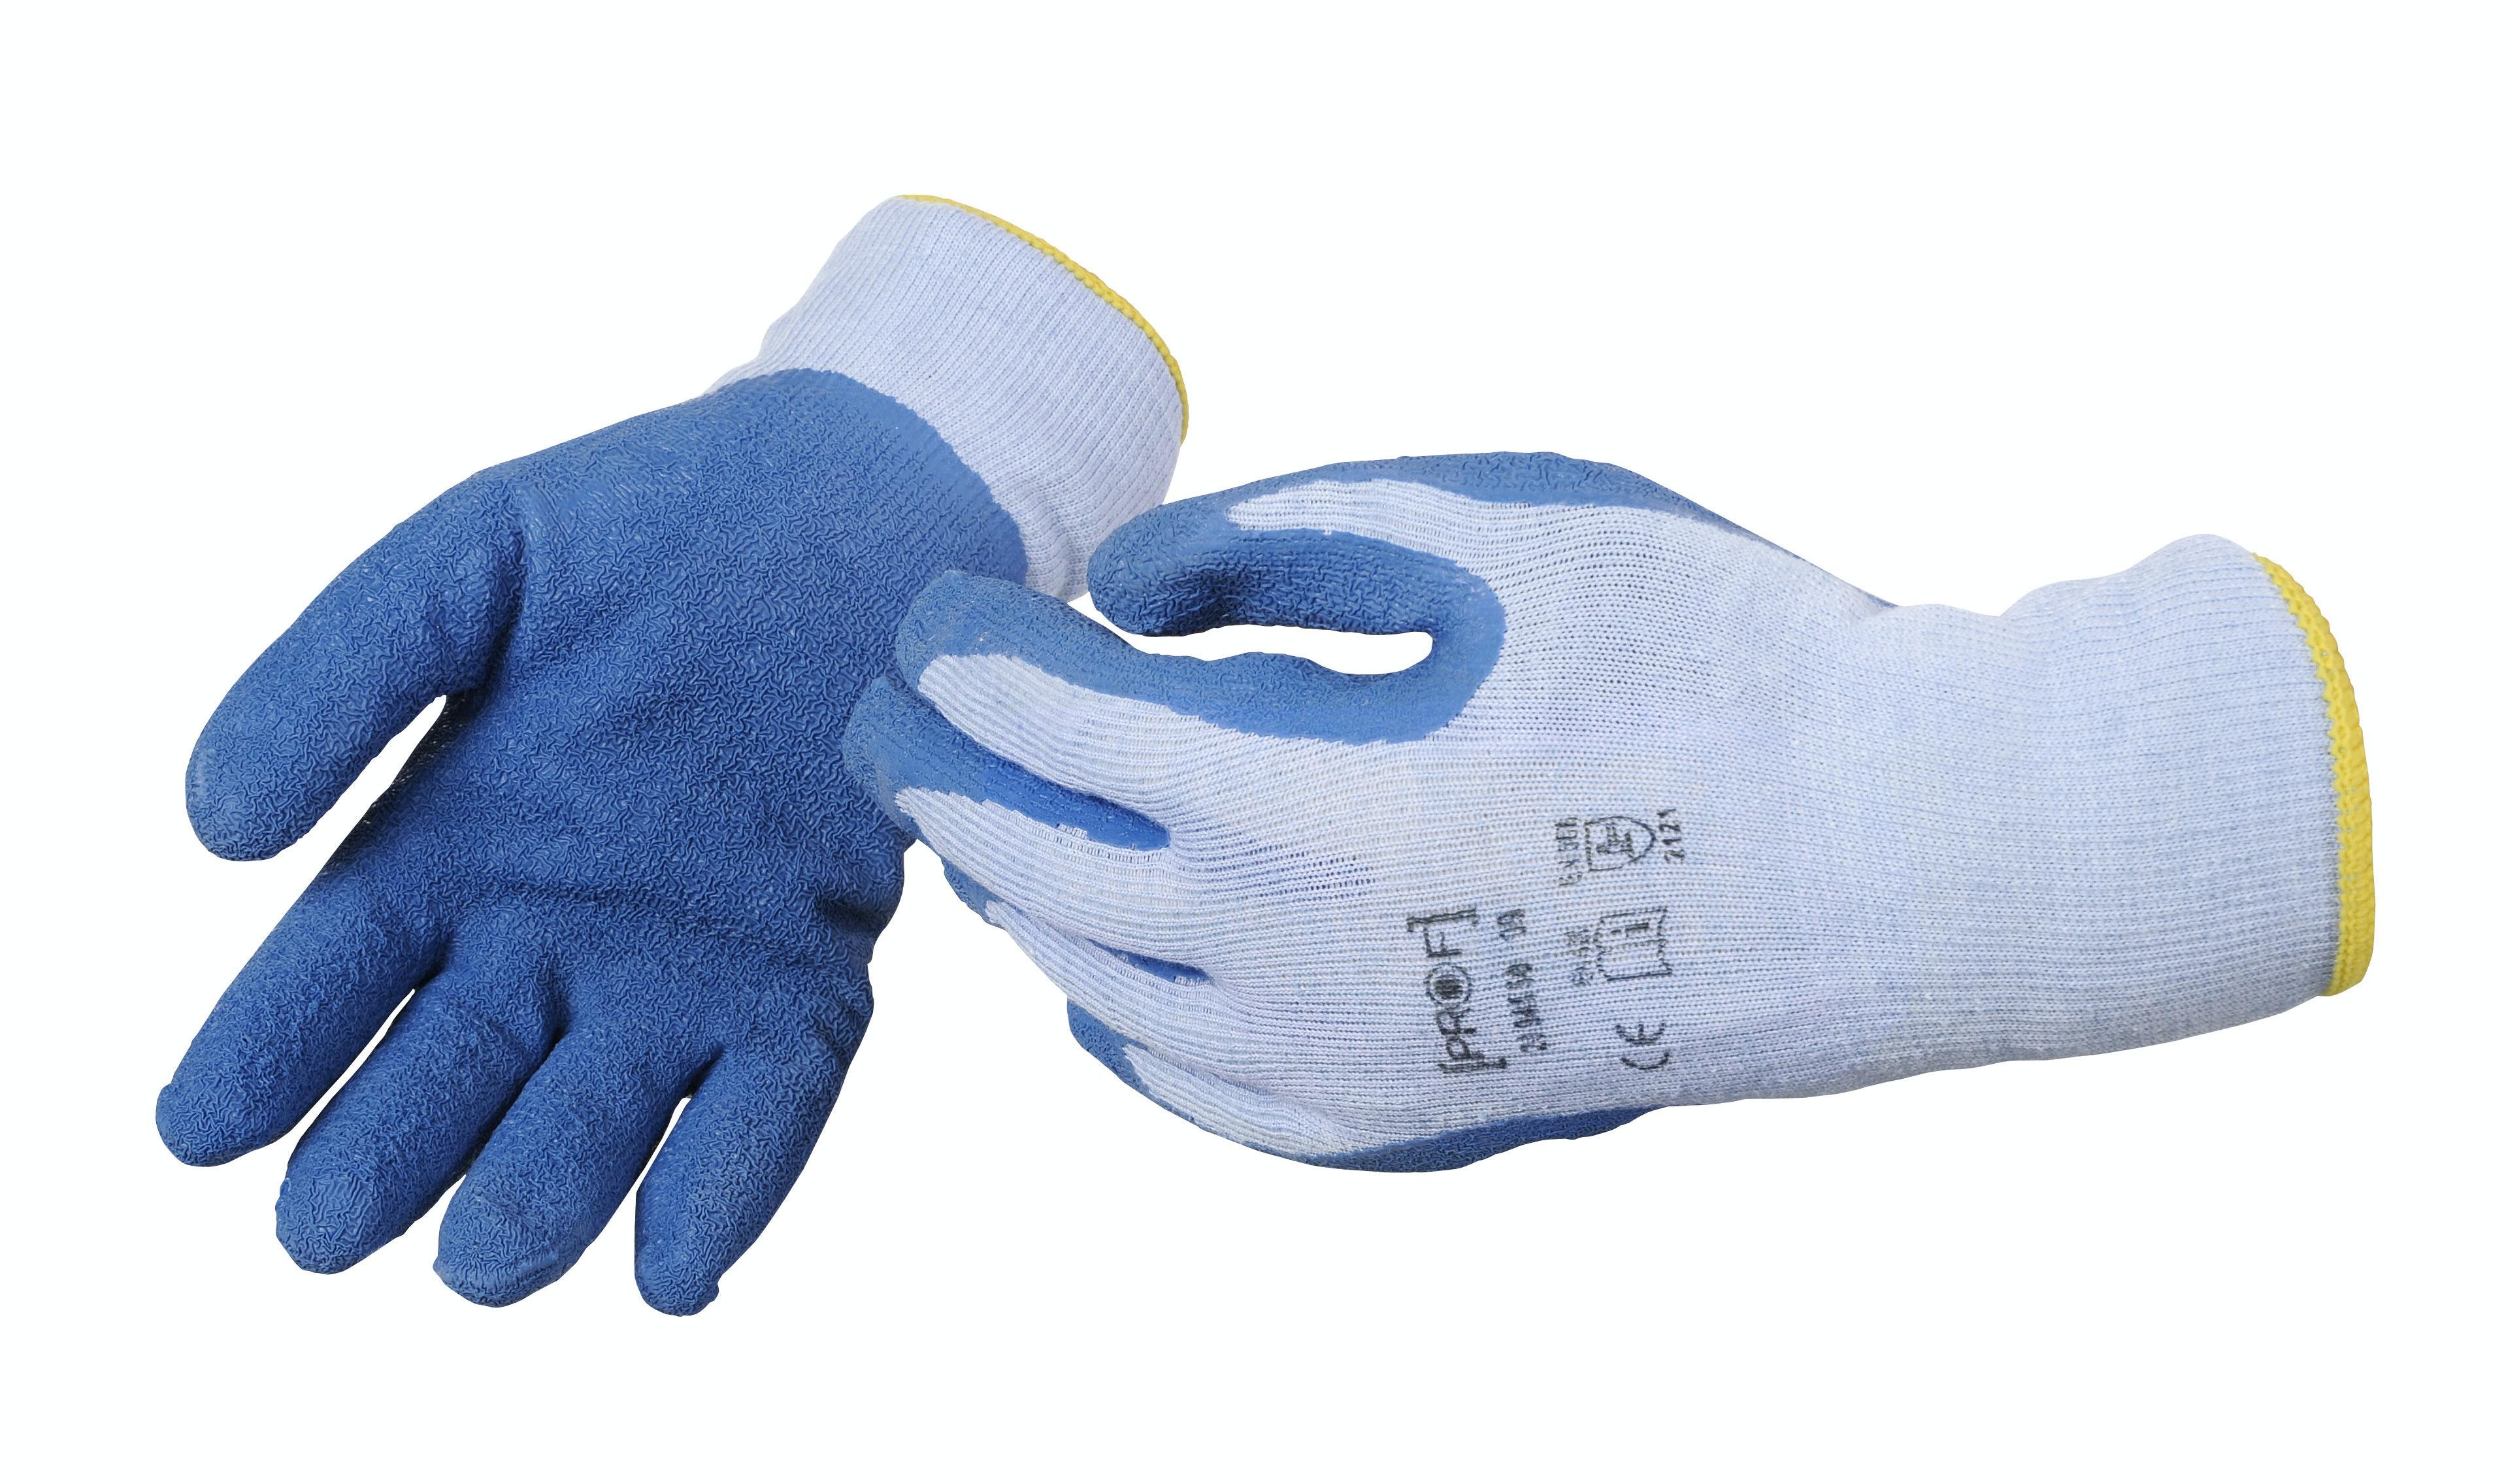 Handskar Prof Dexgrip Light Stl 7